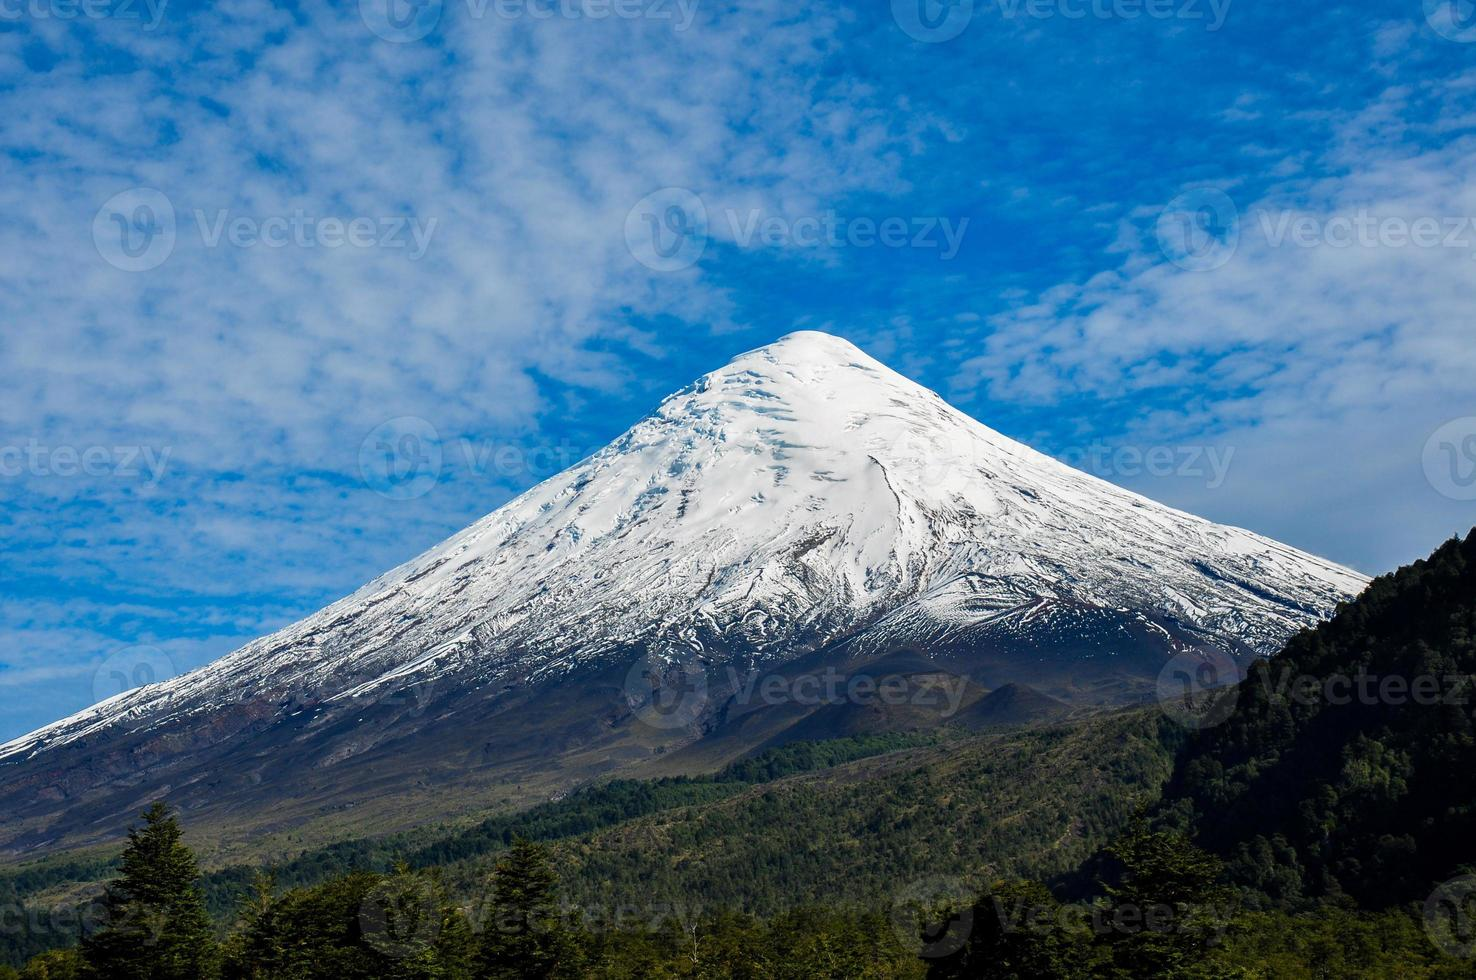 Volcan osorno vu du lago todos los santos, chili photo